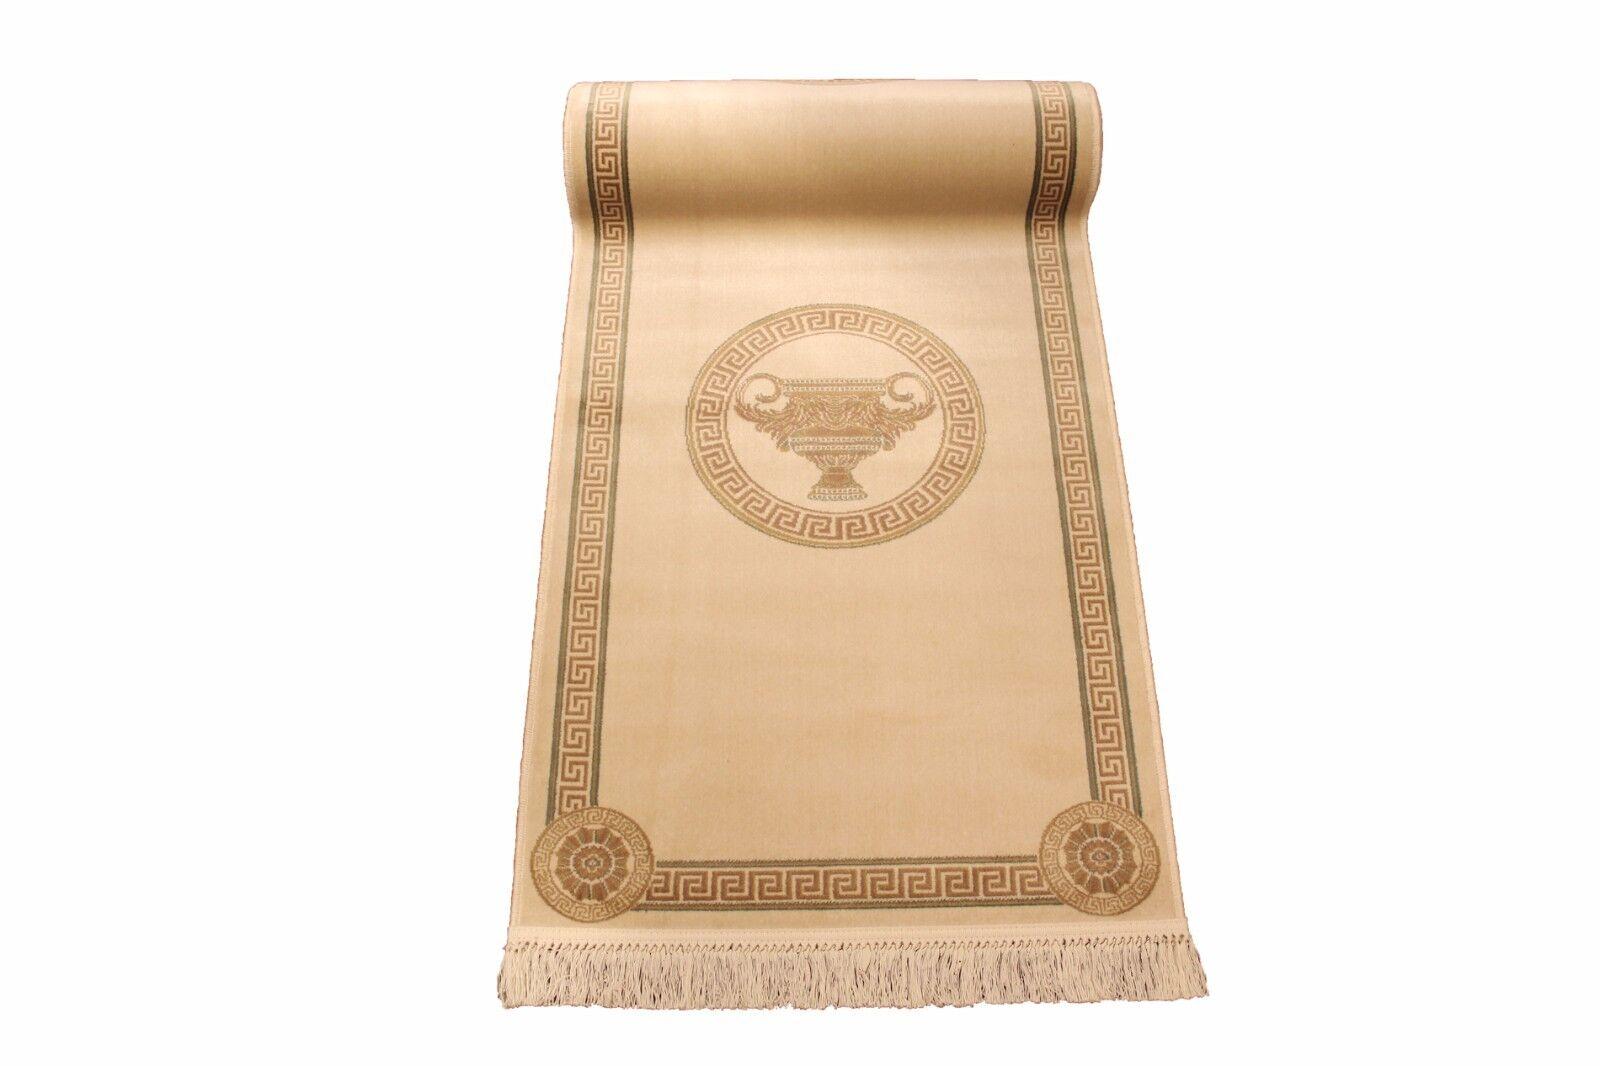 Tapis coureur 80x300 cm Beige Art-soie méandres Méduse amphore amphore amphore Carpet versac | Online Store  e9efdc